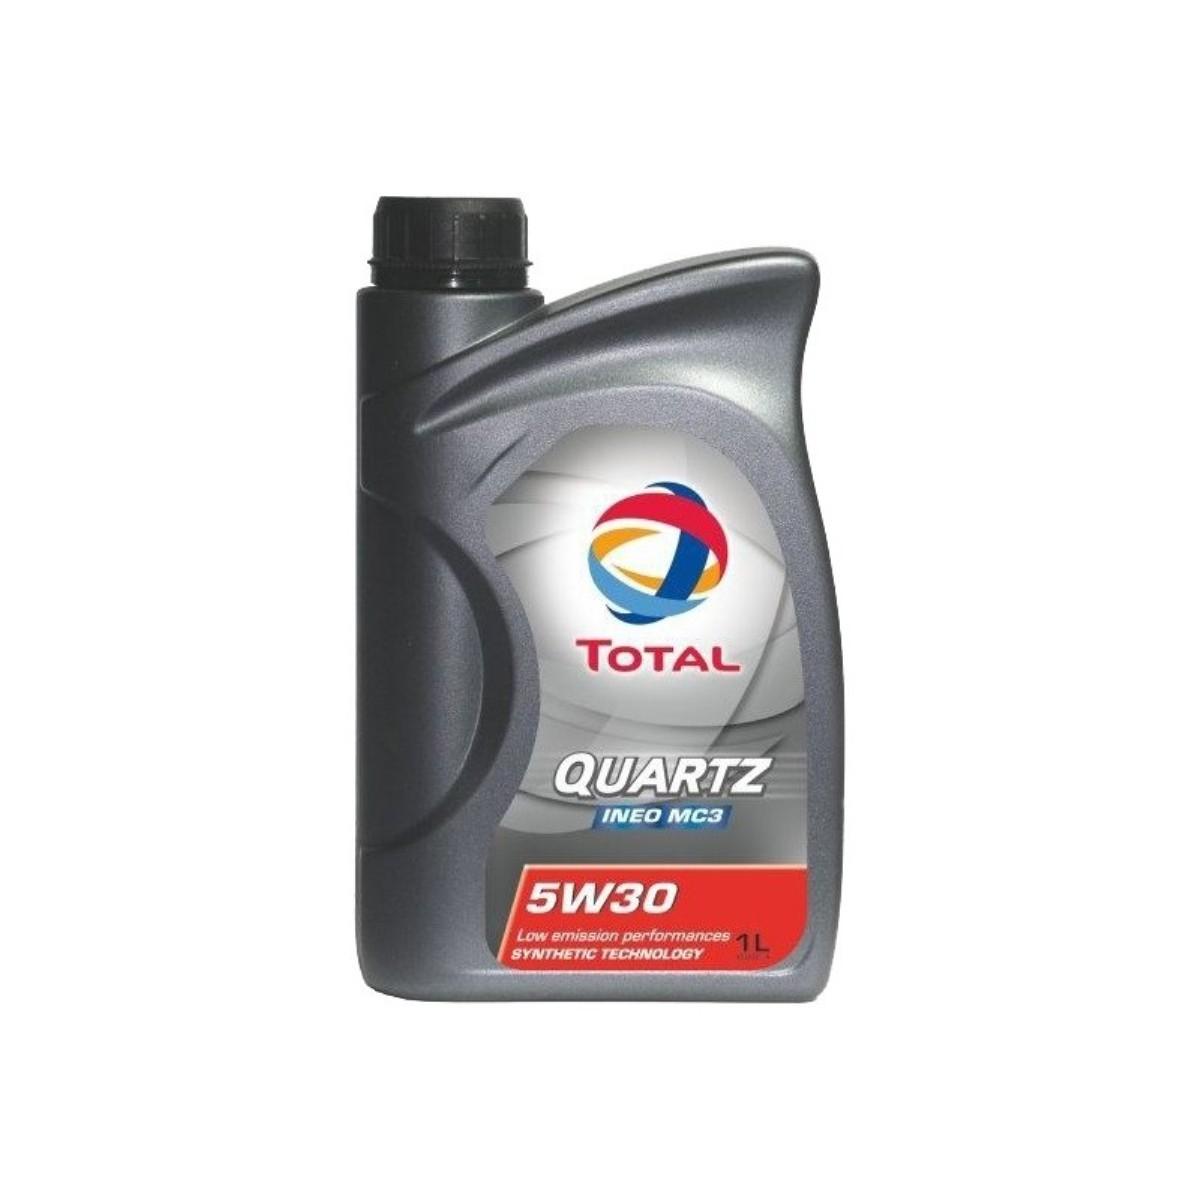 Моторное масло Total Quartz Ineo ECS 5w-30, 1 л166252TOTAL Quartz Ineo ECS SAE 5W-30 необходимо для правильного функционирования дизельного сажевого фильтра, также как и других систем последующей обработки выхлопных газов. Может применяться при наиболее сложных режимах эксплуатации и в самых трудных условиях (автомагистрали, интенсивное городское движение). Имеет пониженную сульфатную зольность и низкое содержание фосфора и серы. Удовлетворяет техническим требованиям TOYOTA. Специально разработано для двигателей PEUGEOT и CITROEN. Спецификация ACEA C2;A5;B5; PSA B71 2290.